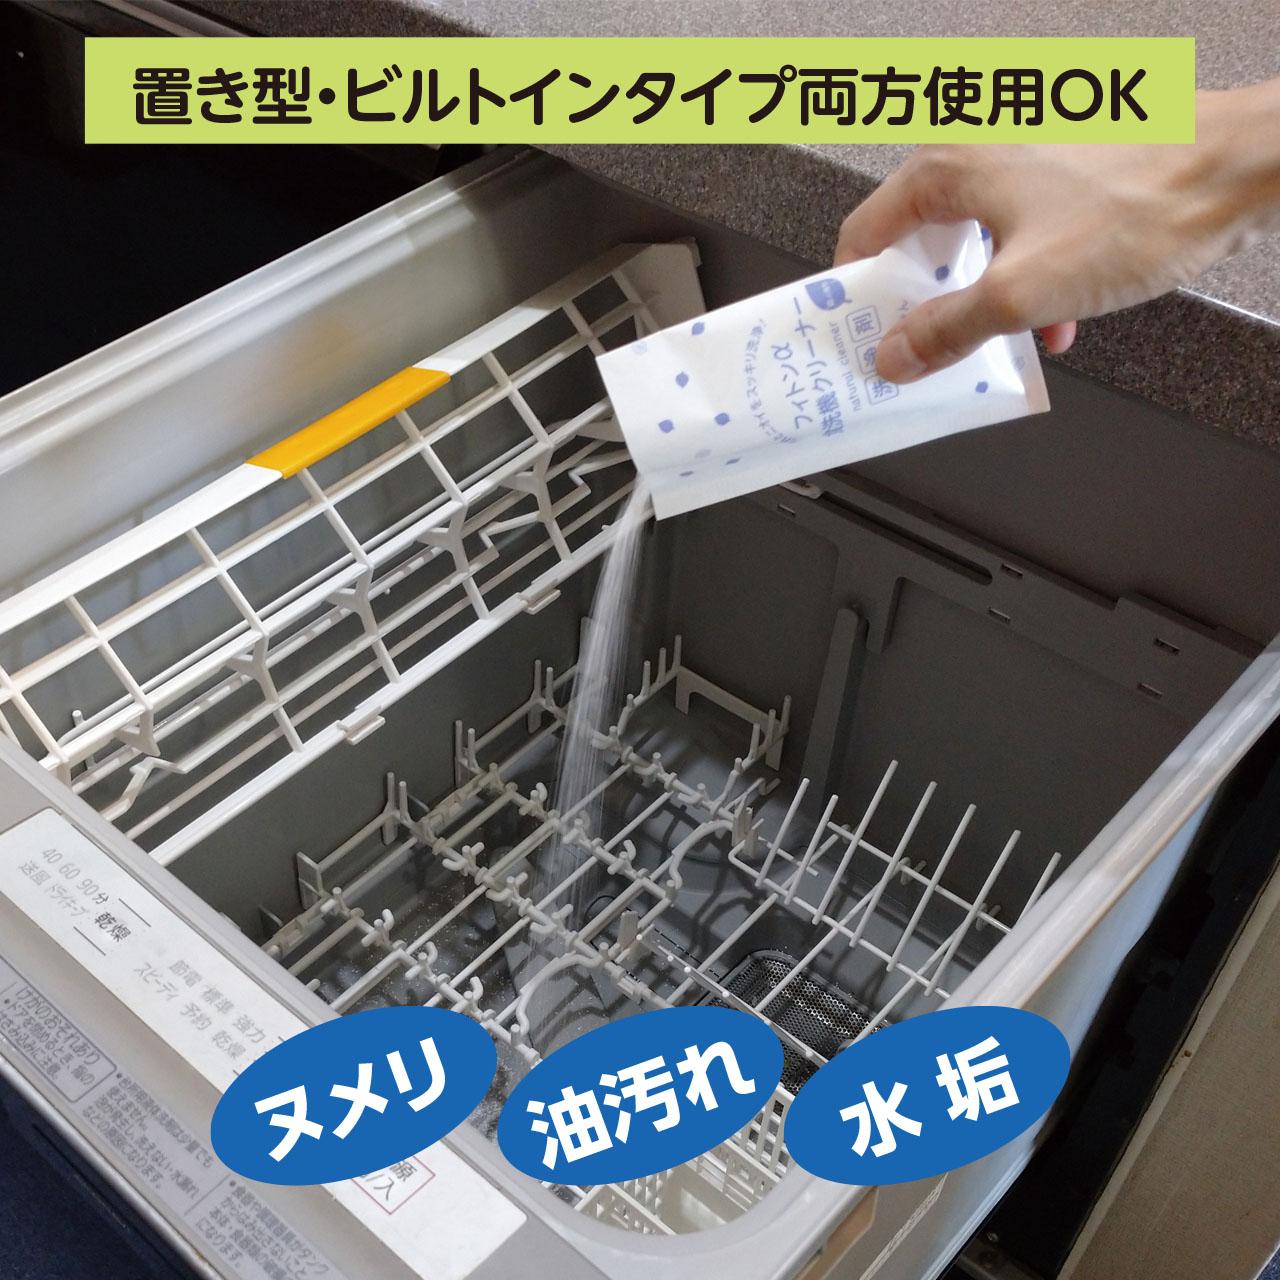 フィトンα食洗機クリーナー